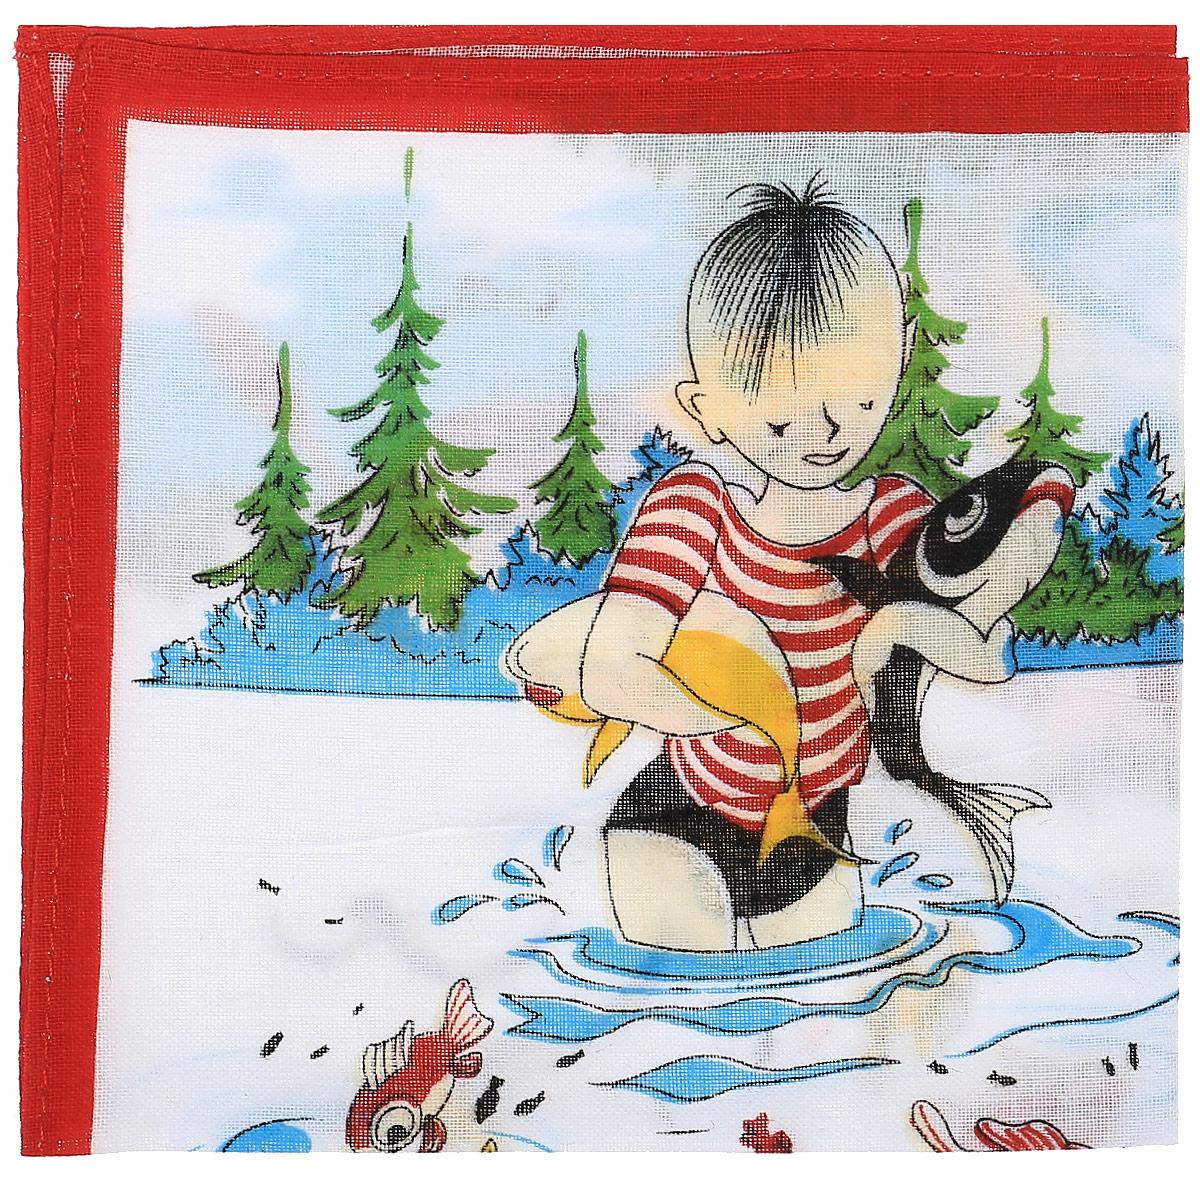 Платок носовой детский Zlata Korunka, цвет: мультиколор, 45453. Размер 27 х 27 см39864|Серьги с подвескамиДетский носовой платочек Zlata Korunka изготовлен из натурального хлопка, приятен в использовании, хорошо стирается, материал не садится и отлично впитывает влагу. Оформлен принтом с изображением мальчика на рыбалке.